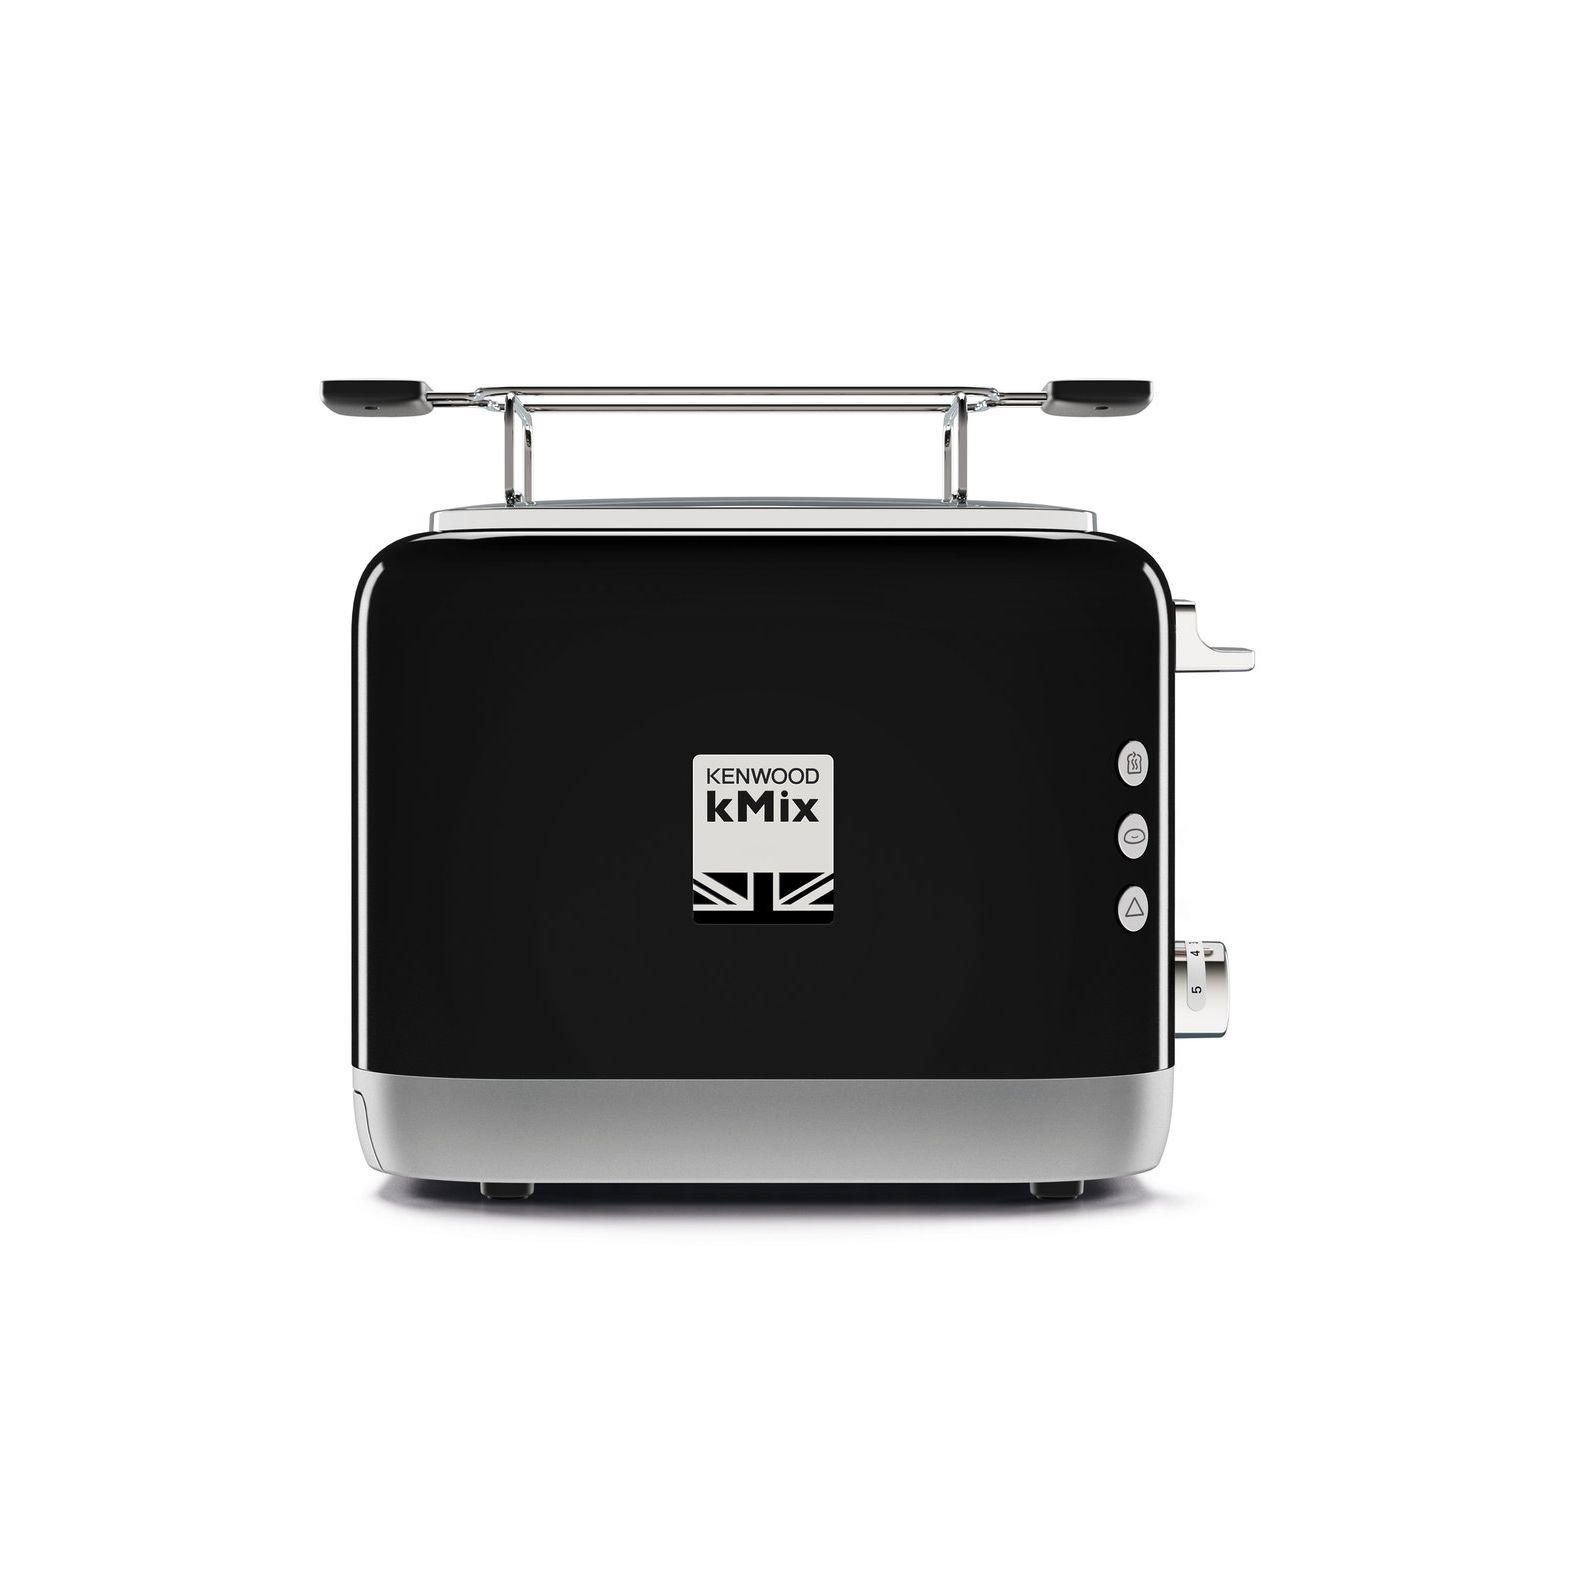 Комплект: Электрочайники ТостерПРОМО8: электрочайник ZJX740BK+Тостер TCX751BK - кухонный набор от известного бренда Кенвуд. Чайник мощность 2200 Вт позволит напоить всех членов семьи в считанные минуты. Модель оснащена прорезиненной рукояткой, которая удобно лежит в руке, и поворотной основой. Чайник снабжен индикатором уровня воды с подсветкой для удобства использования. С тостером пользователь сможет самостоятельно контролировать процесс прожарки тостов. Устройство также снабжается решеткой для подогрева. Современный дизайн чайника и тостера выполнен в едином черном цвете с хромированными деталями.<br>